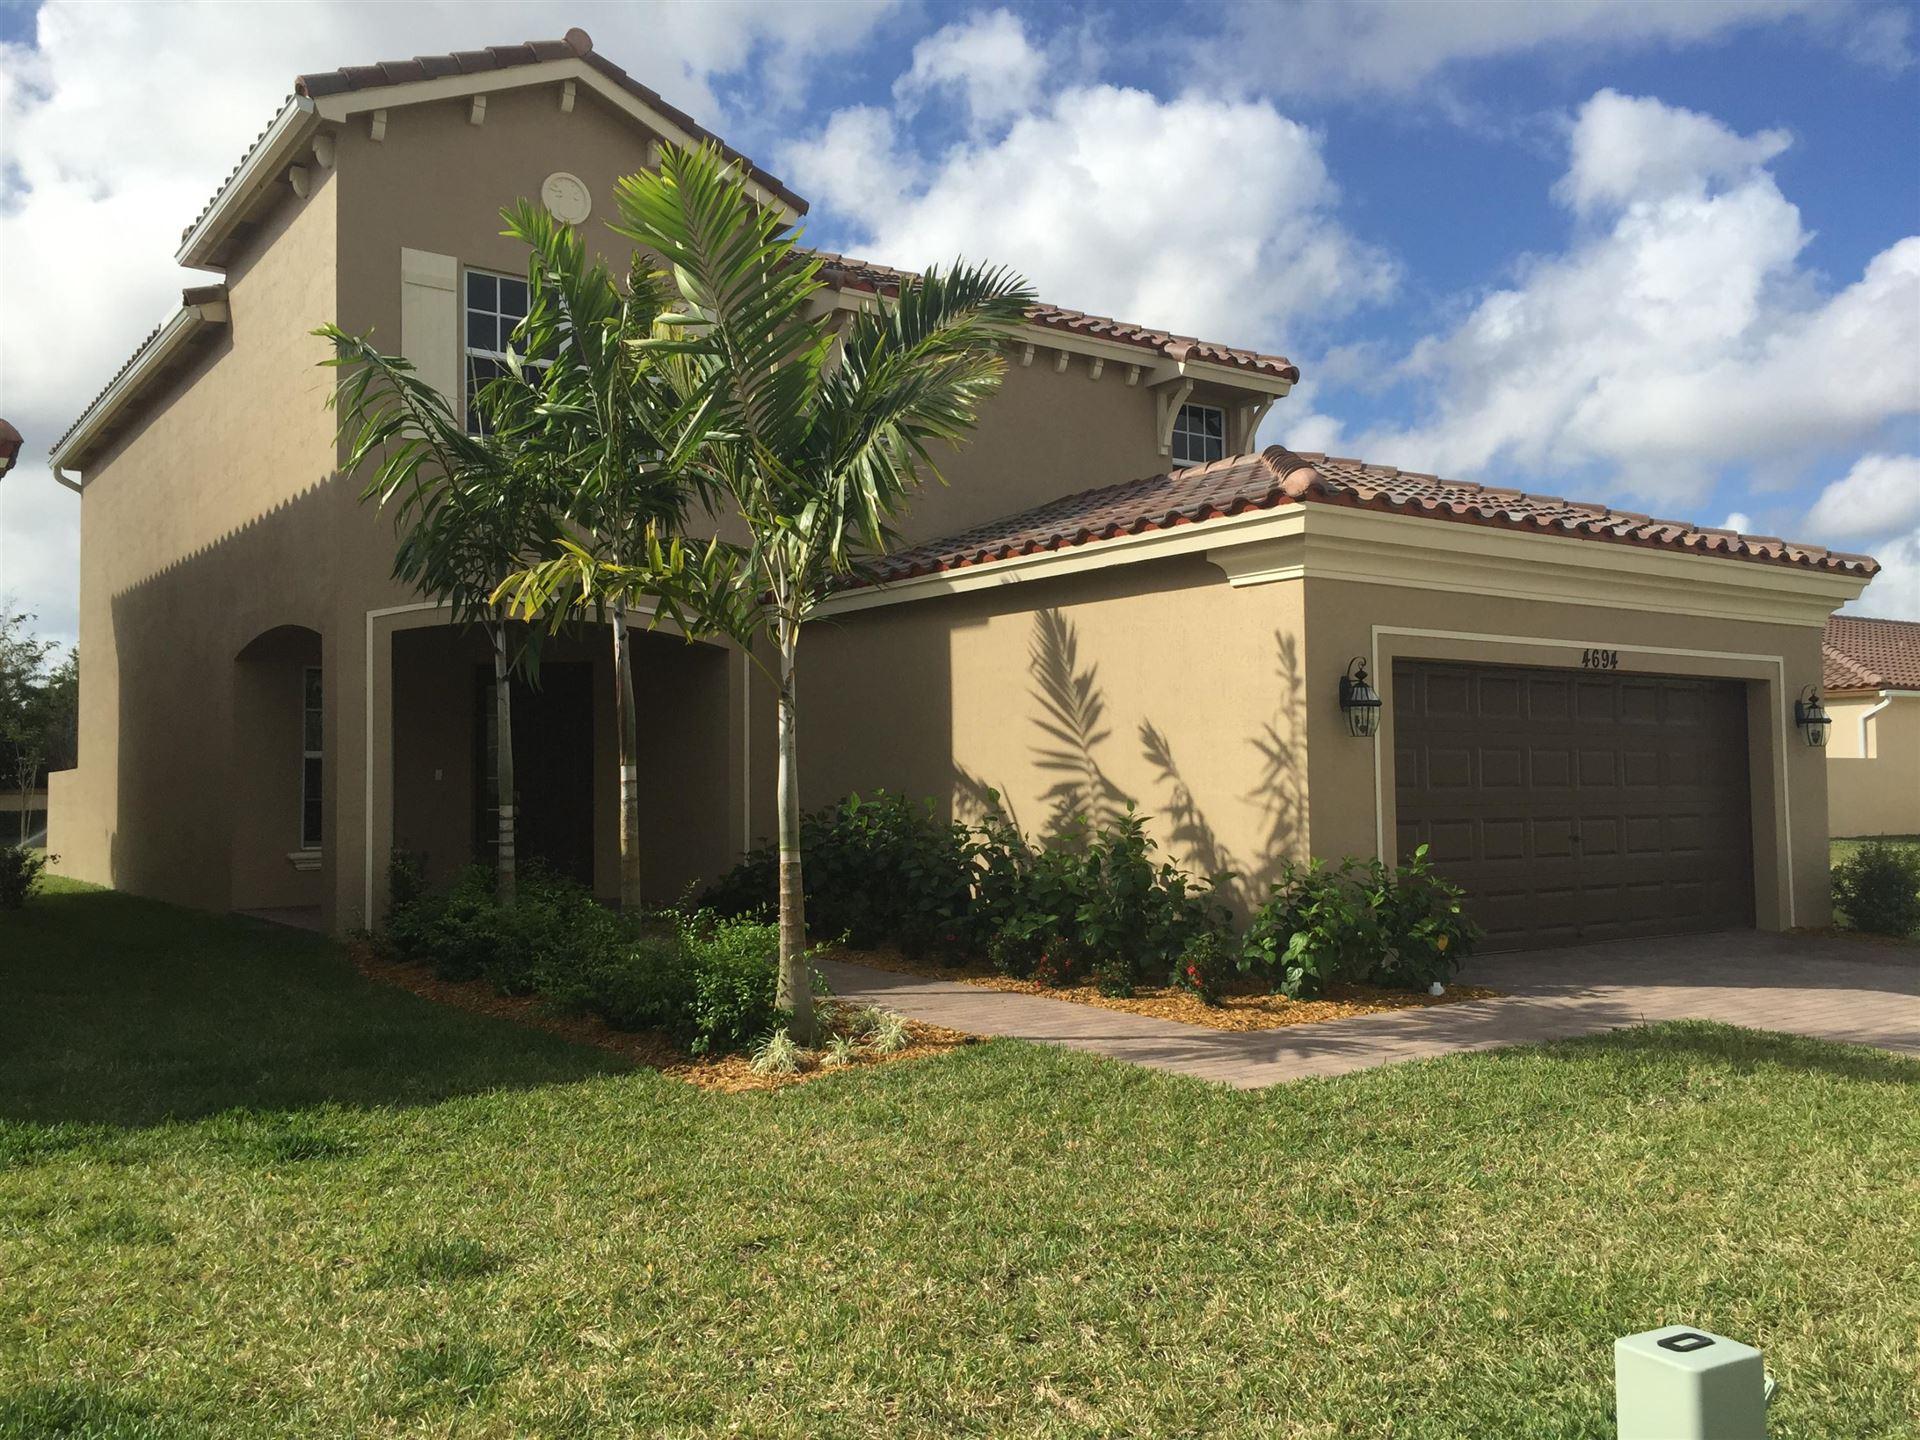 4694 Capital Drive, Lake Worth, FL 33463 - #: RX-10635484